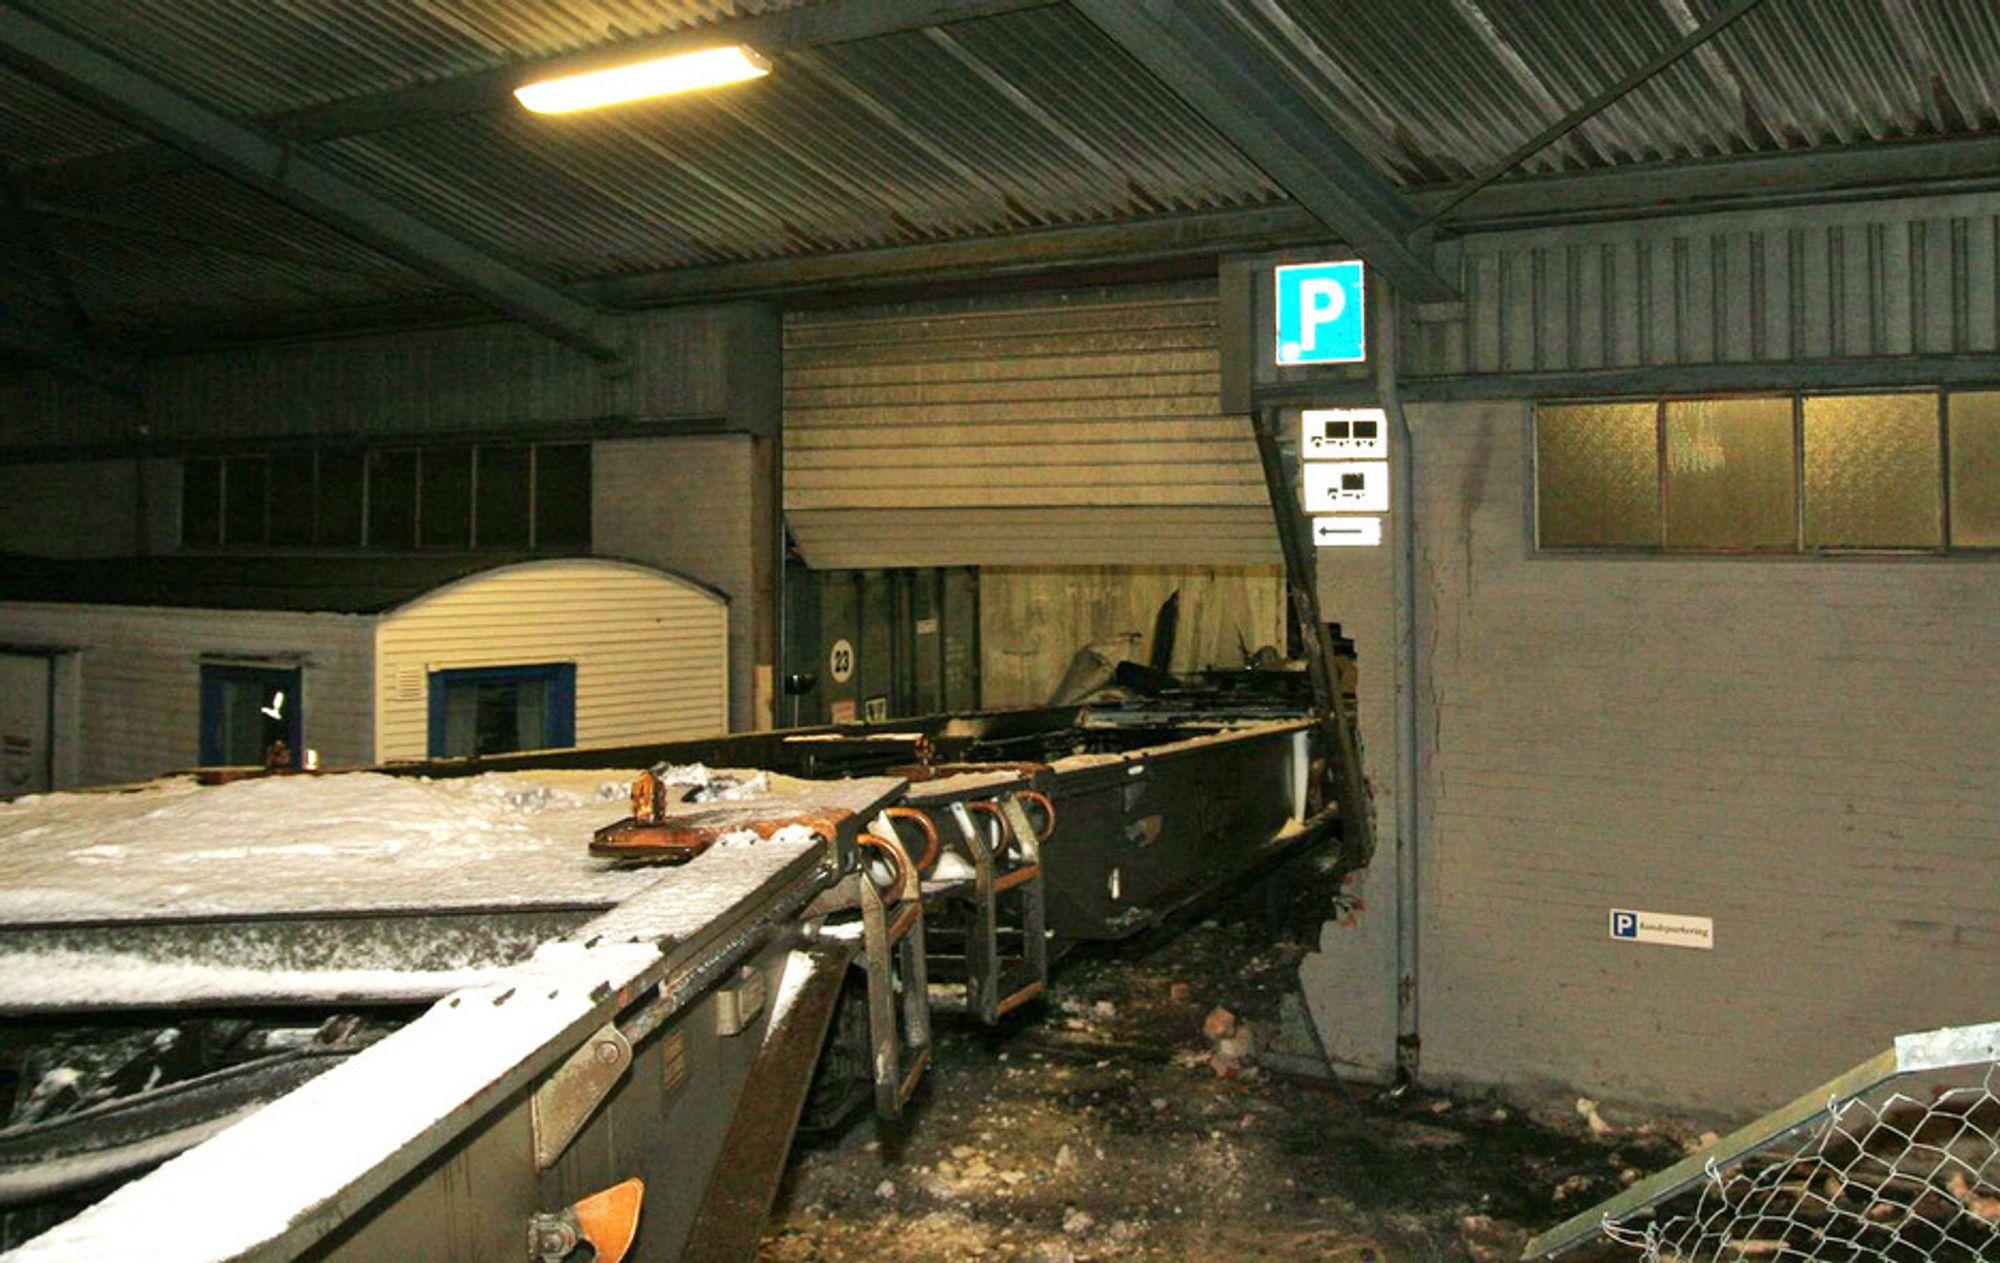 Et godstog sporet torsdag morgen av i Trondheim, og endte inne i en lagerbygning.